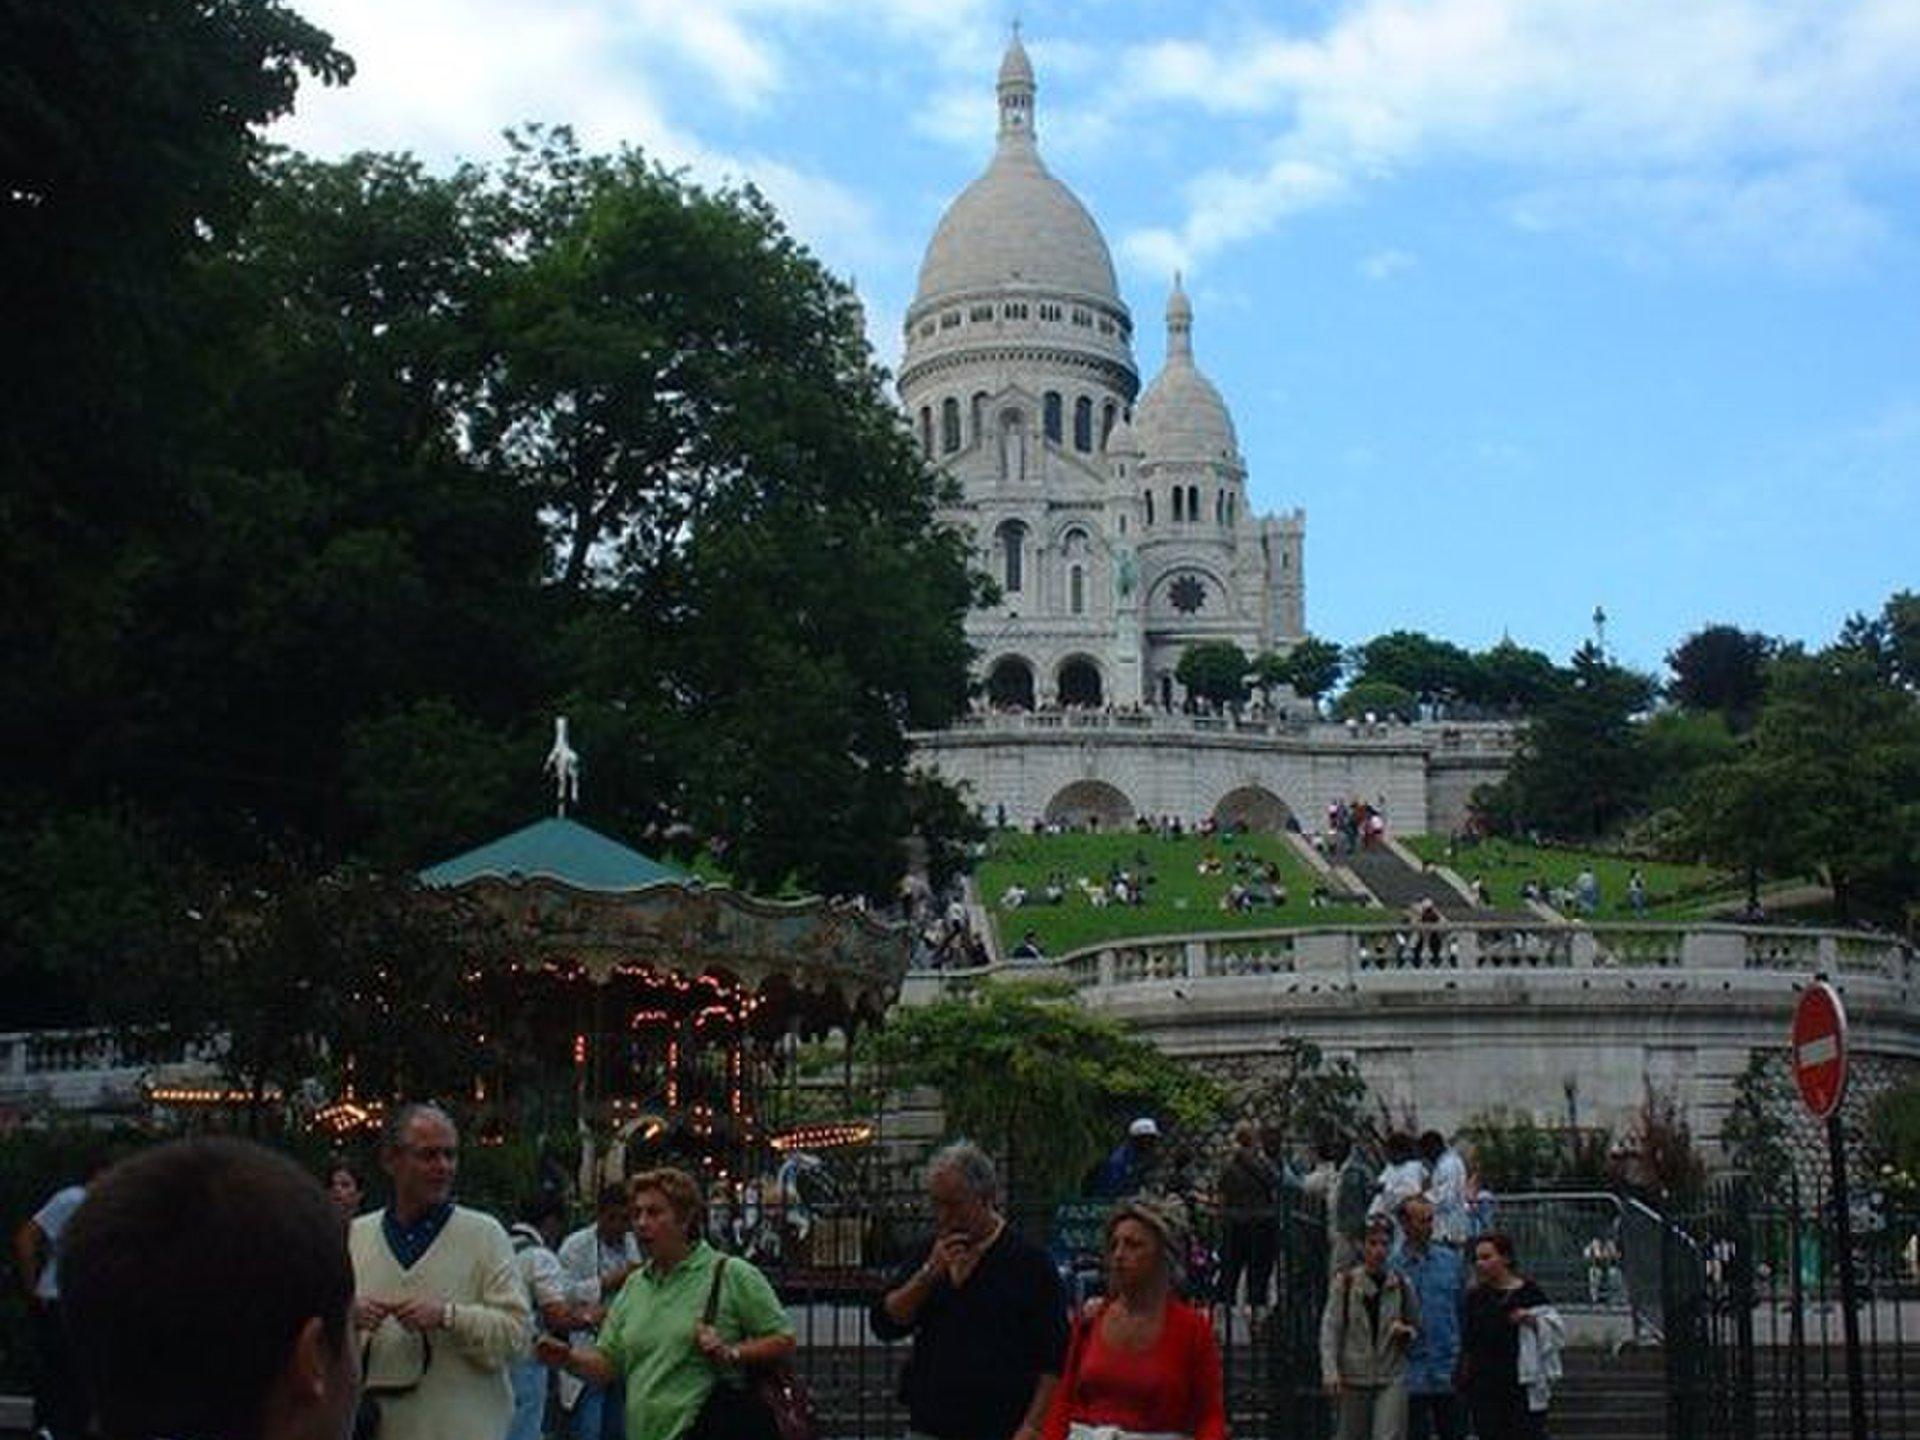 【フランス・パリ旅行】モンマルトルの丘からみる絶景パリ!サクレクール寺院とメリーゴーランド